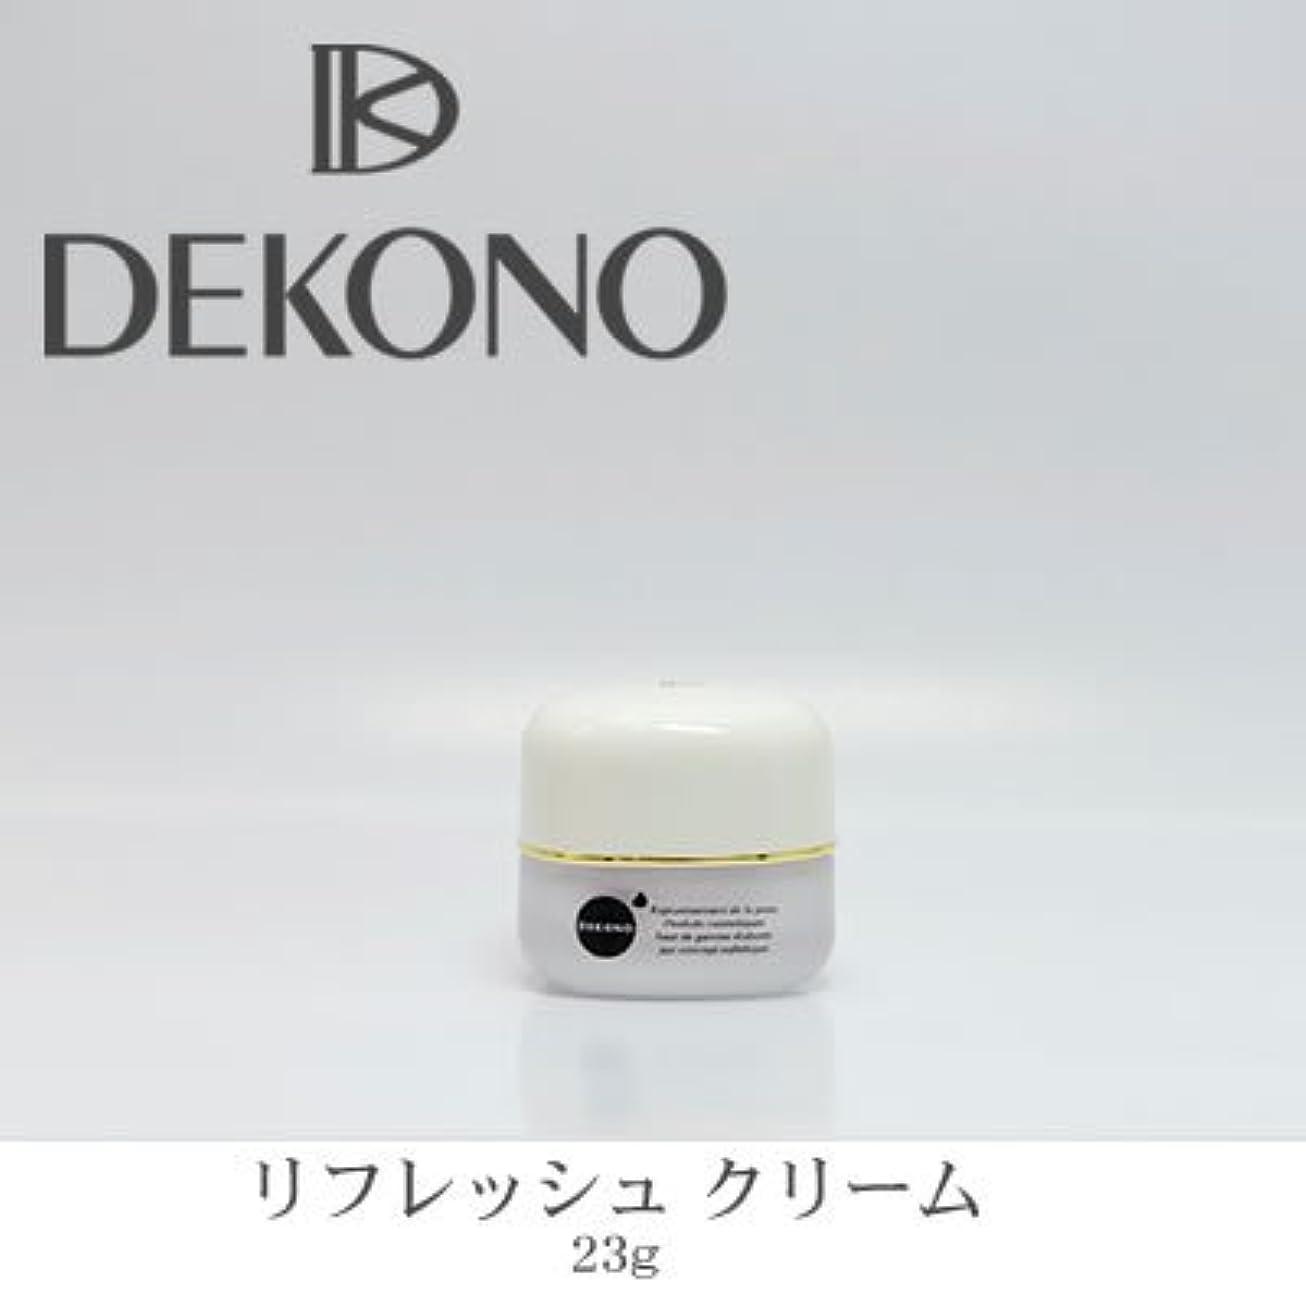 広告する麻酔薬意味DEKONO ディコーノ リフレッシュ クリーム 23g